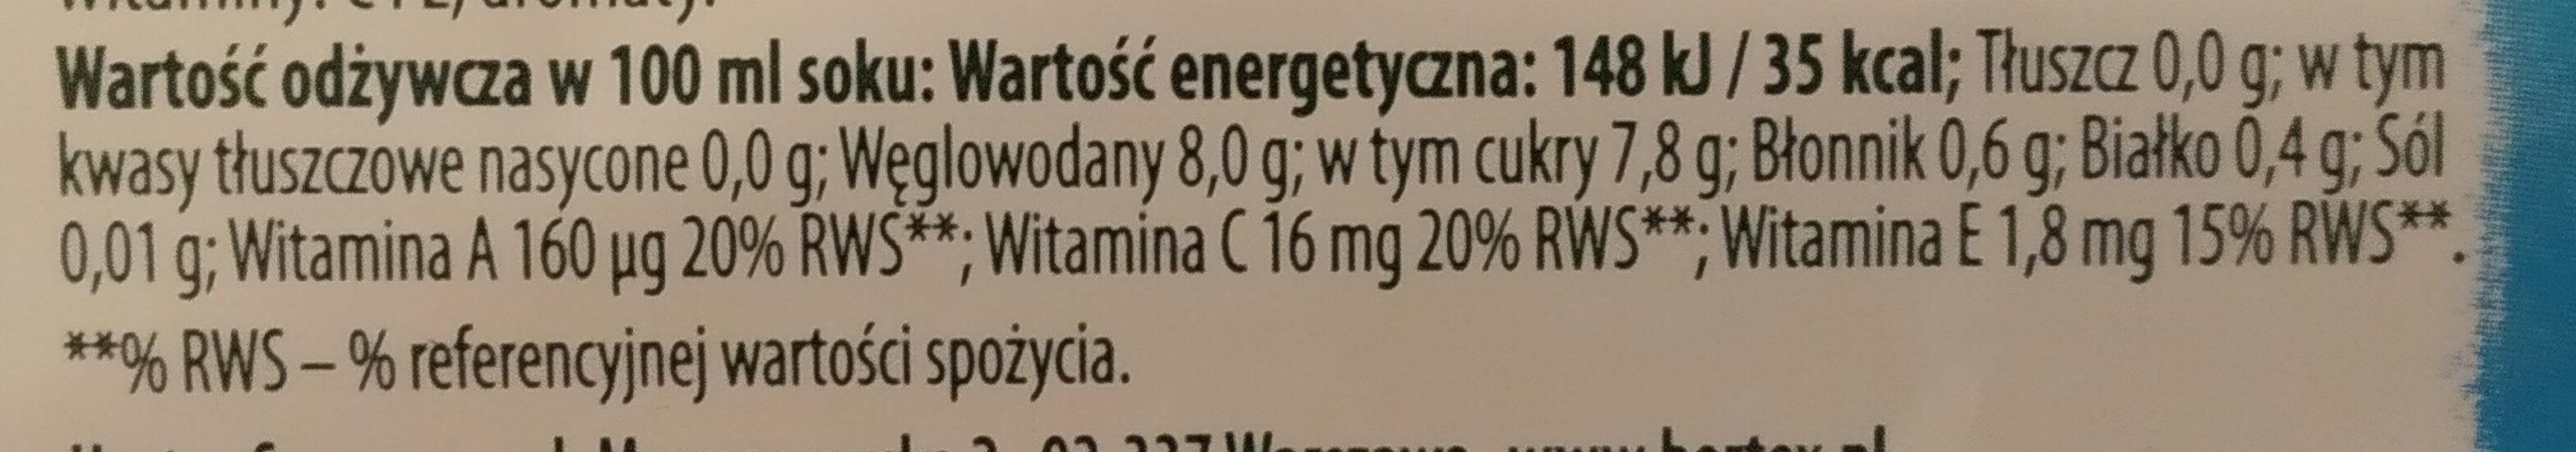 Hortex Vitaminka - Wartości odżywcze - pl